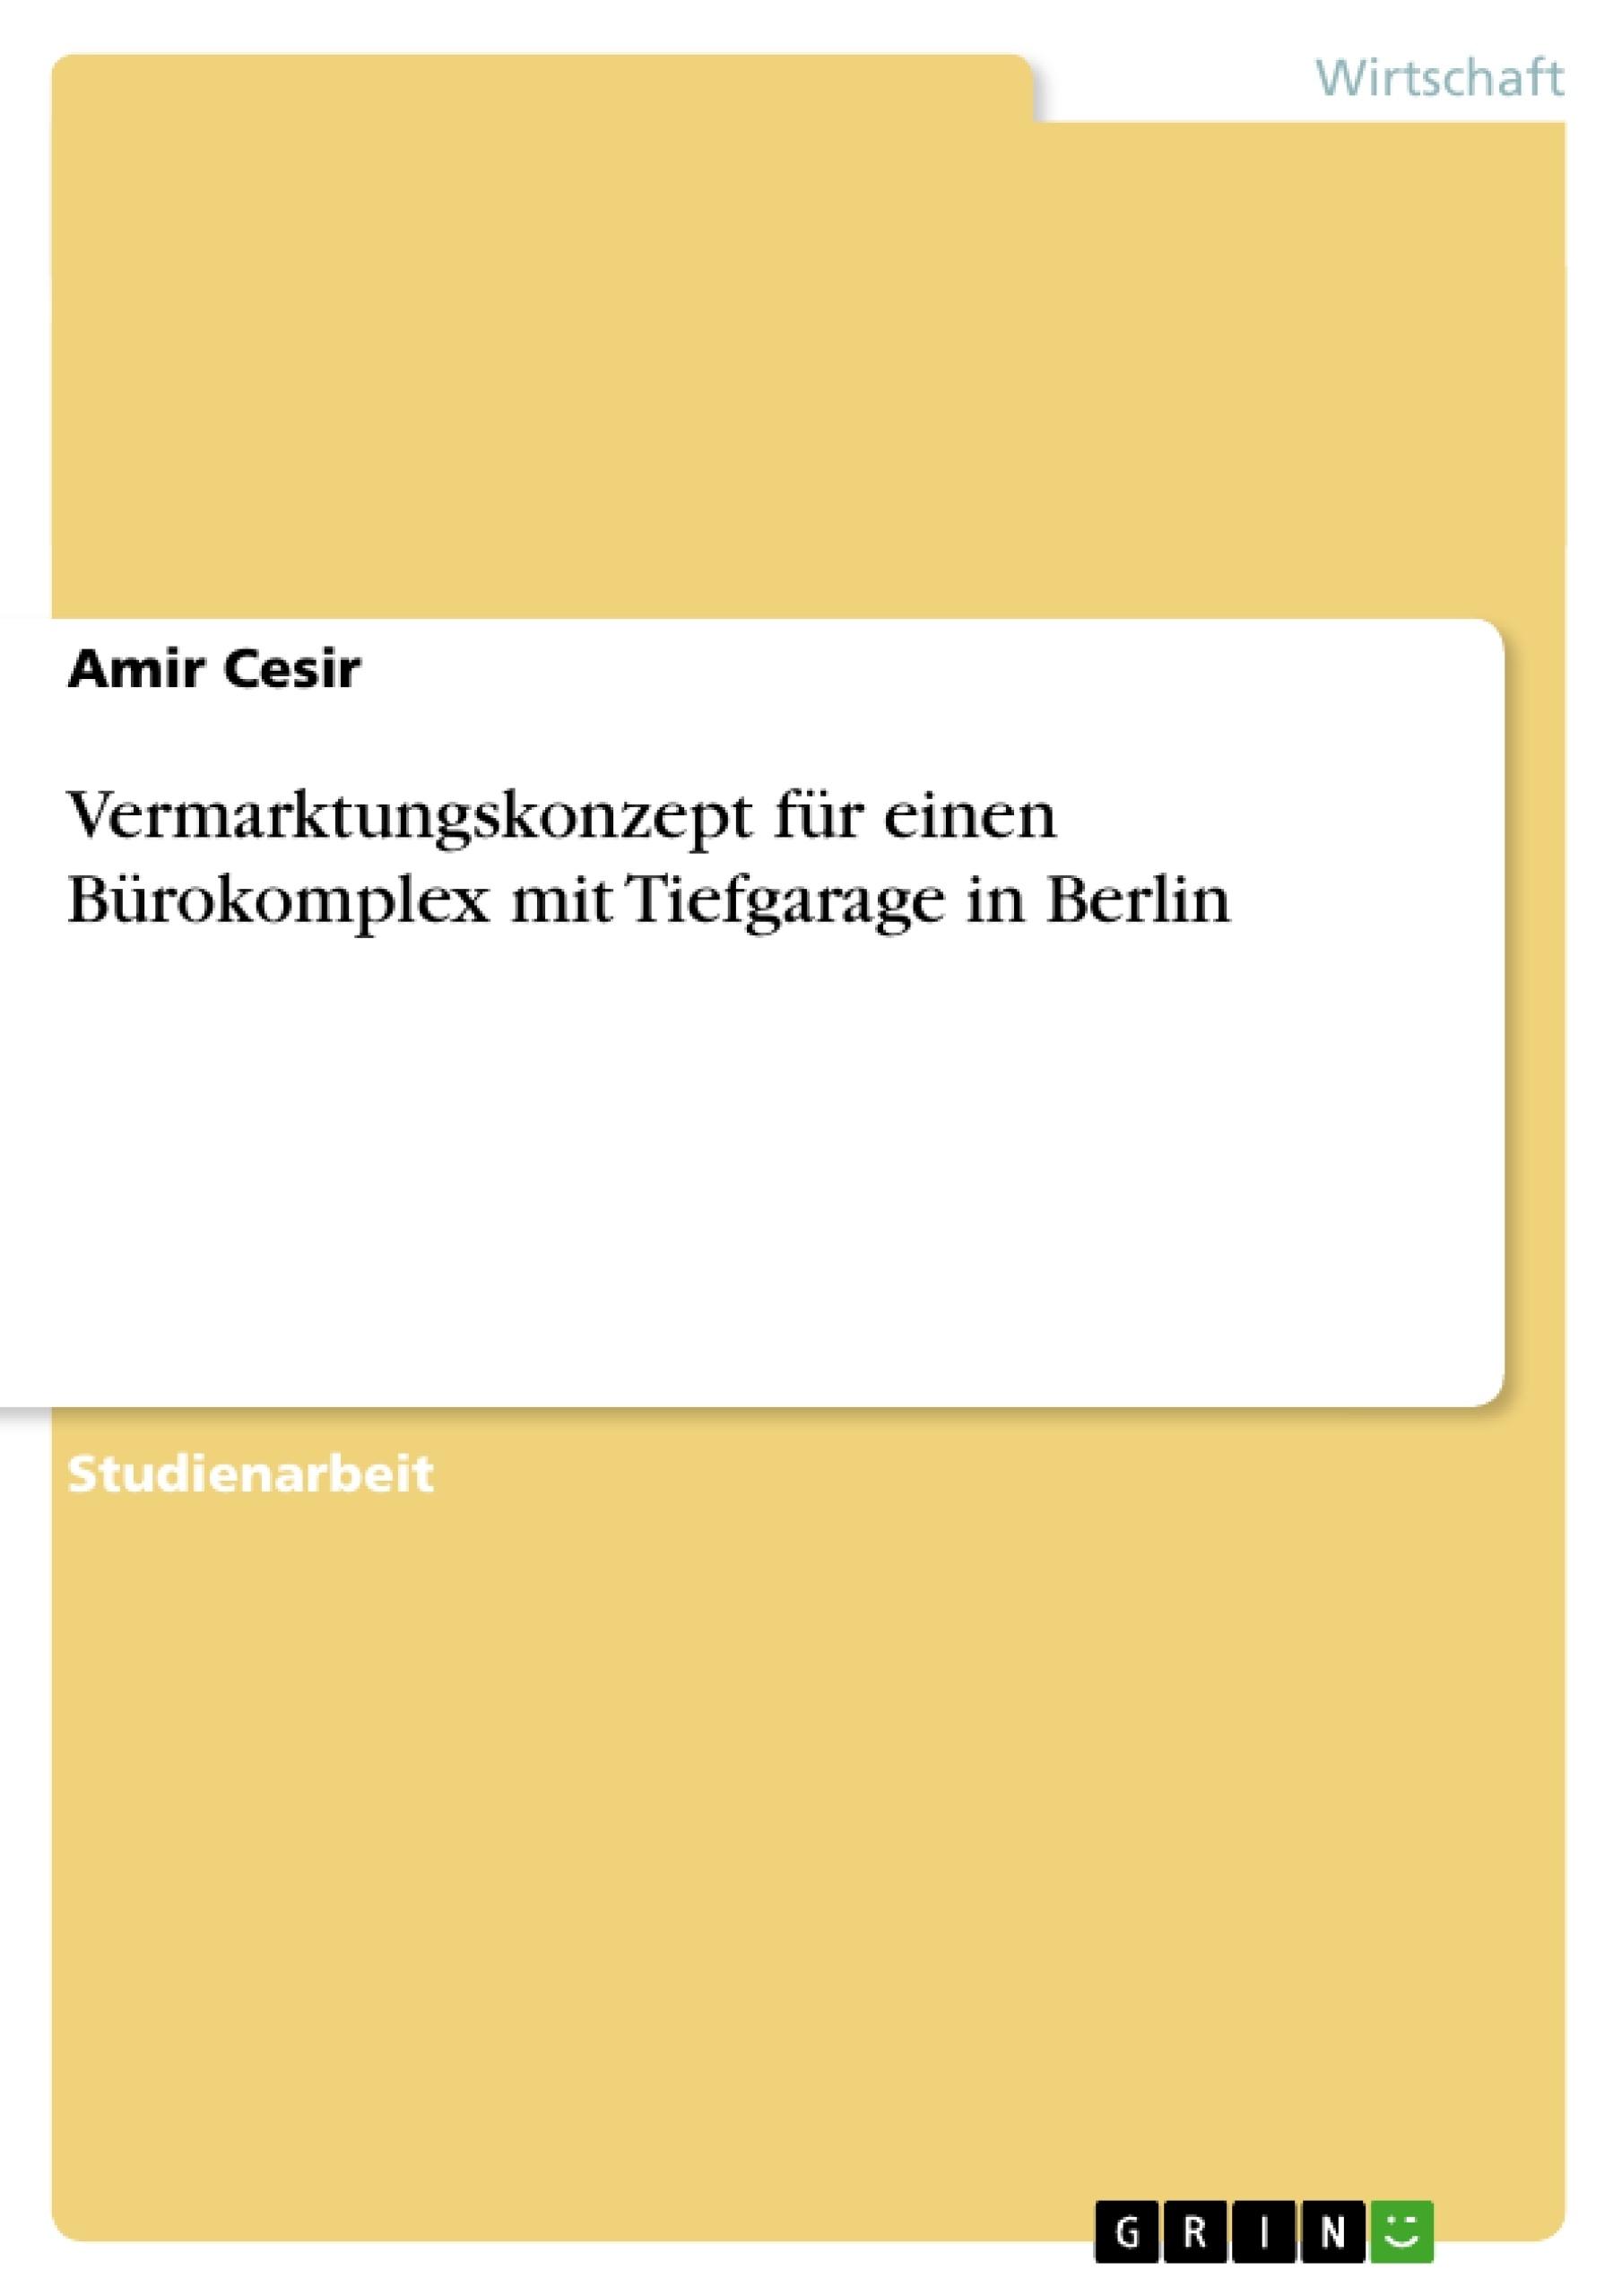 Titel: Vermarktungskonzept für einen Bürokomplex mit Tiefgarage in Berlin